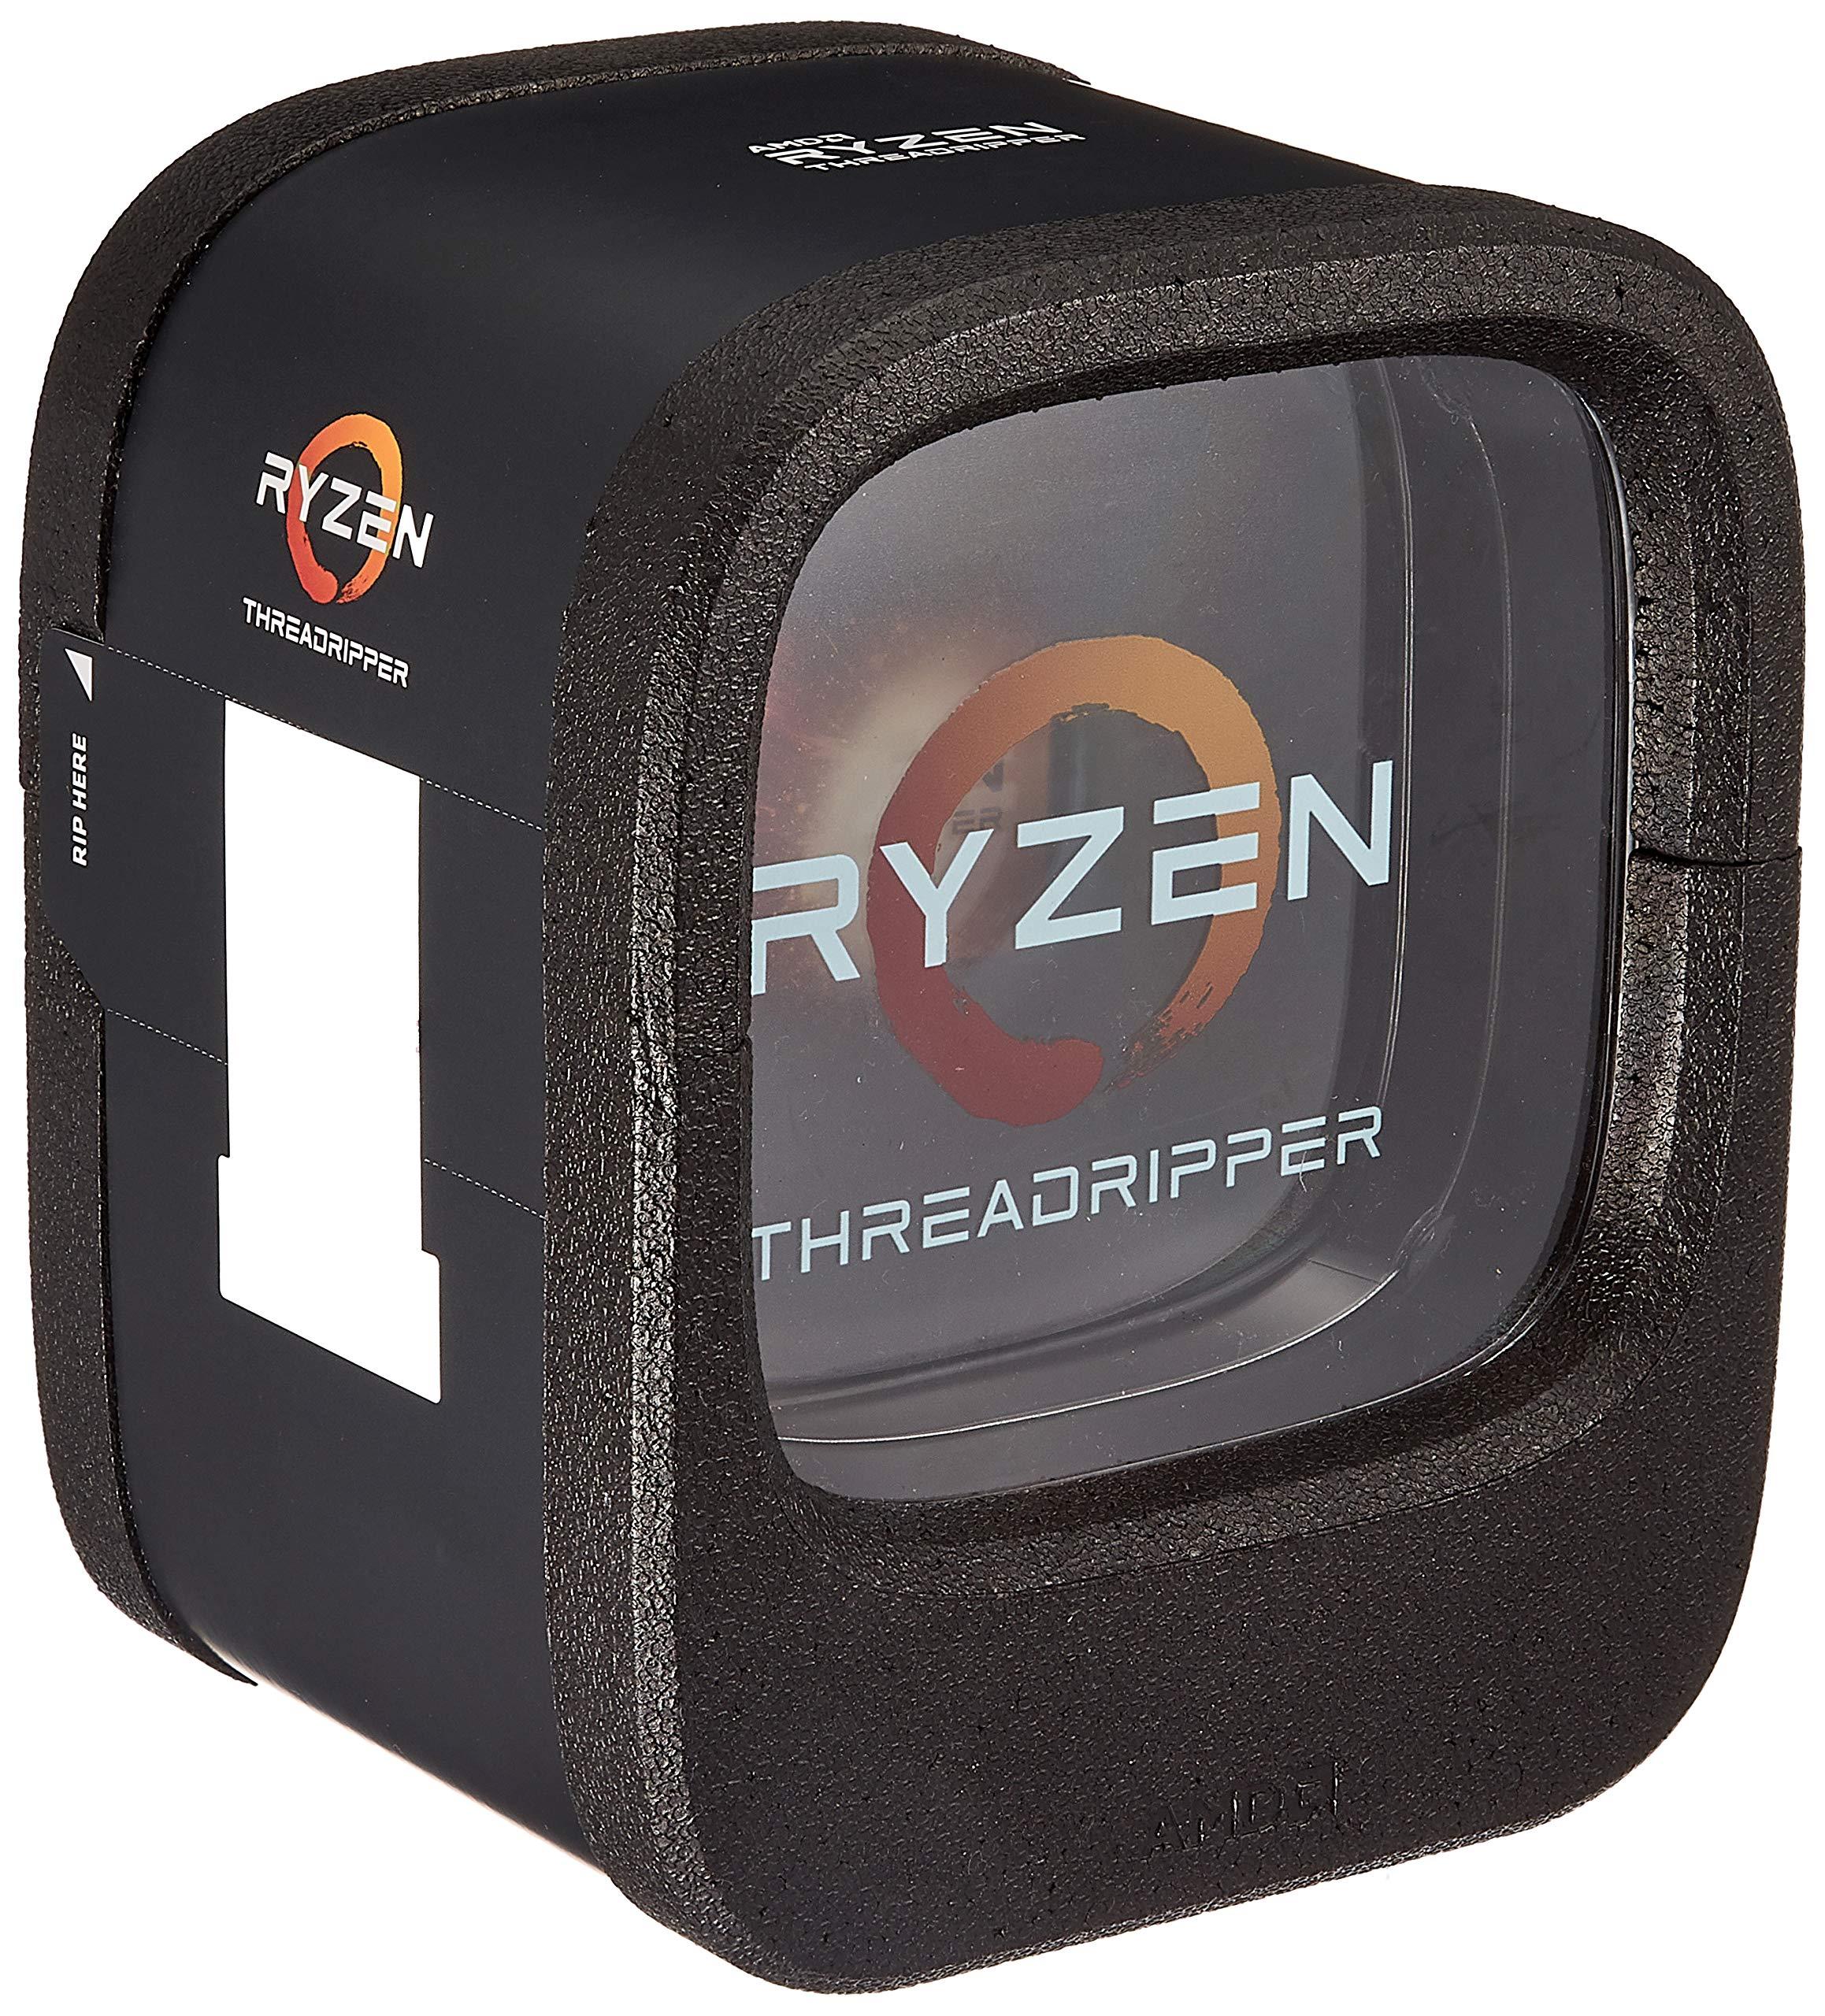 AMD Ryzen Threadripper 1950X (16-core/32-thread) (YD195XA8AE